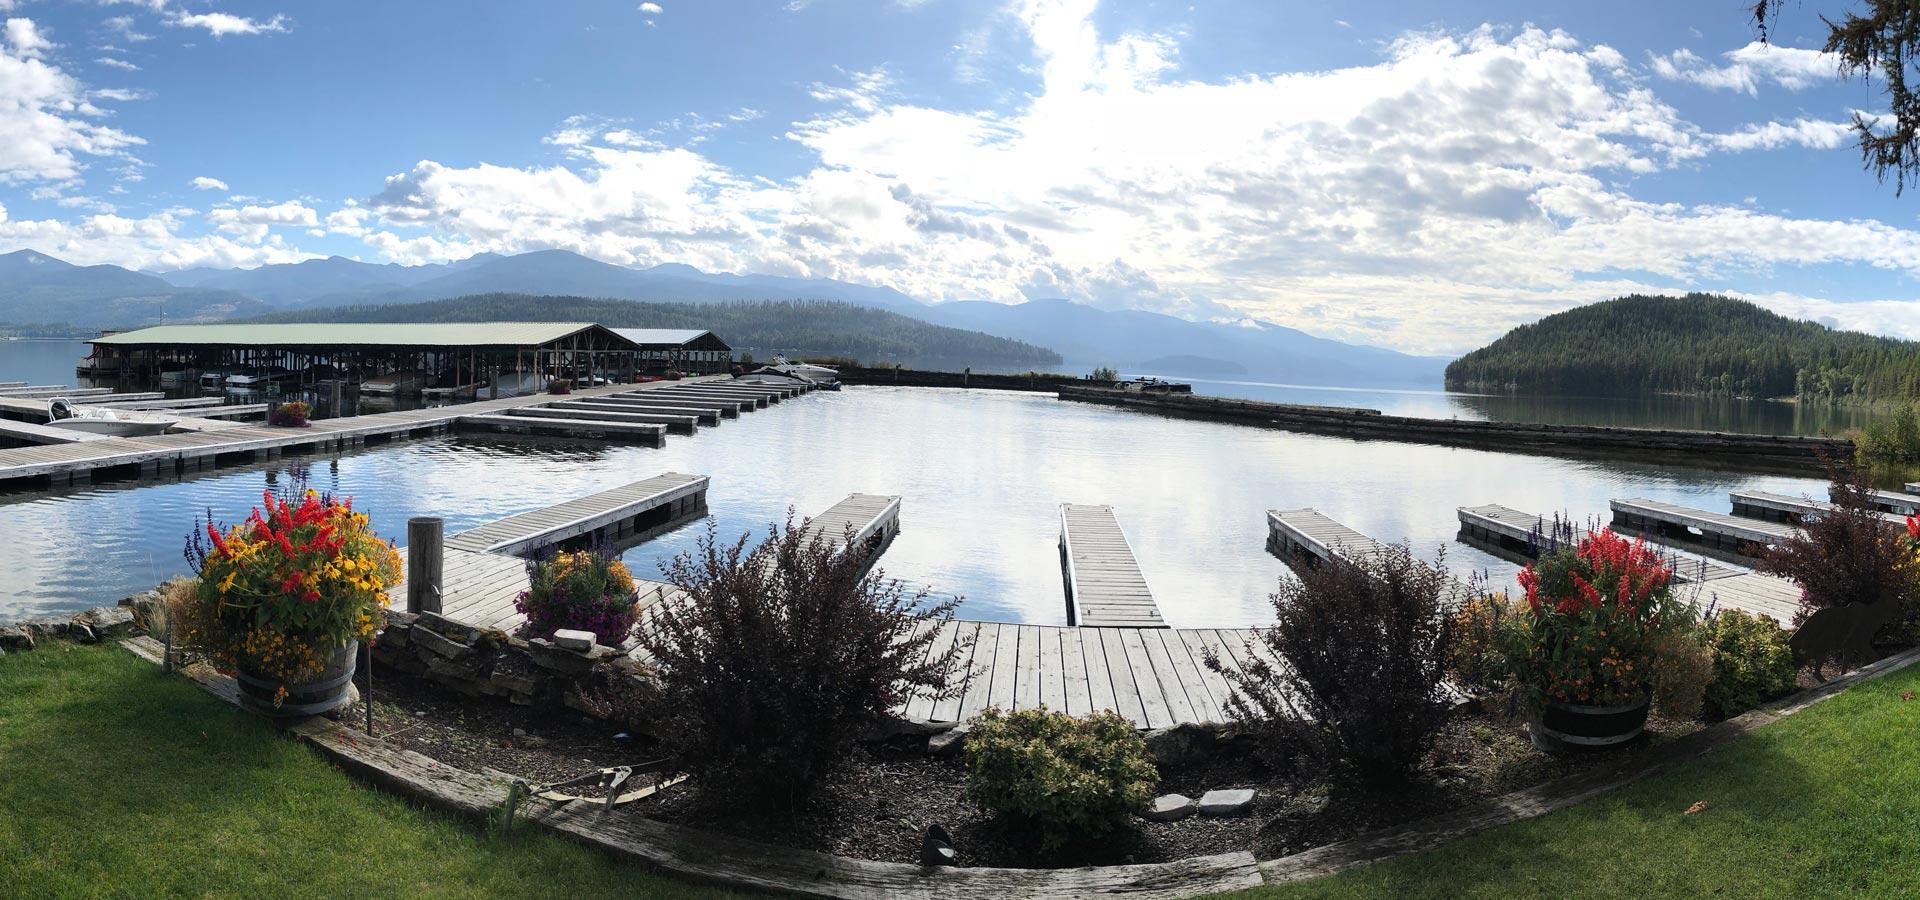 Elkins Dock